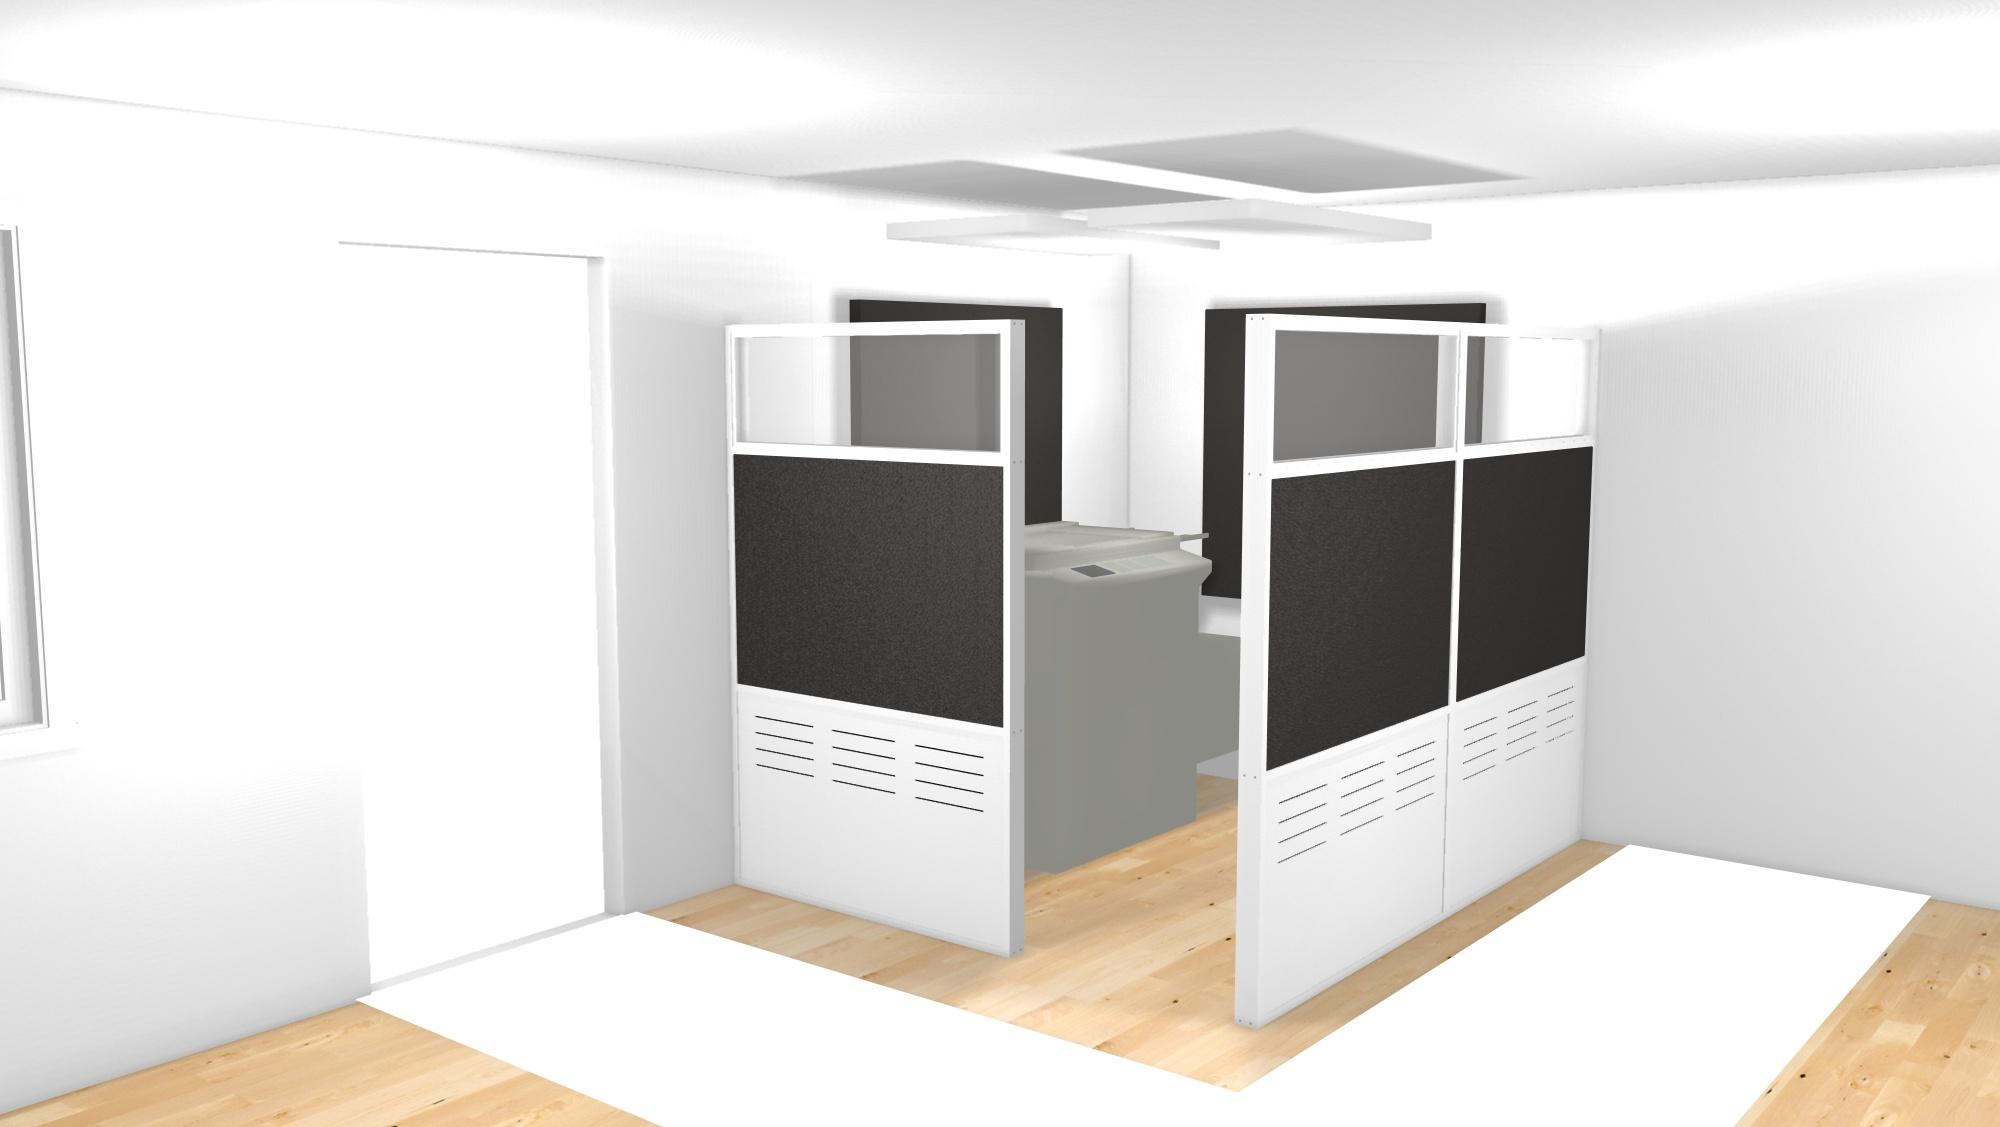 Ställ skärmarna runt störande utrusning på kontoret och minska oljud